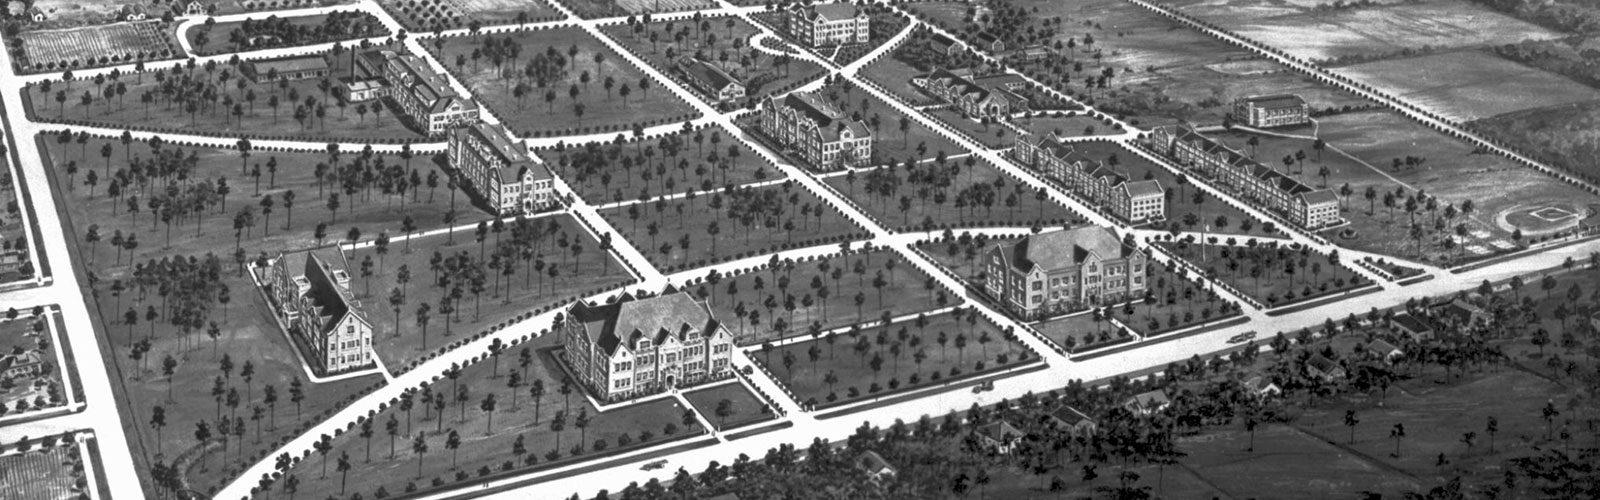 Historical Campus